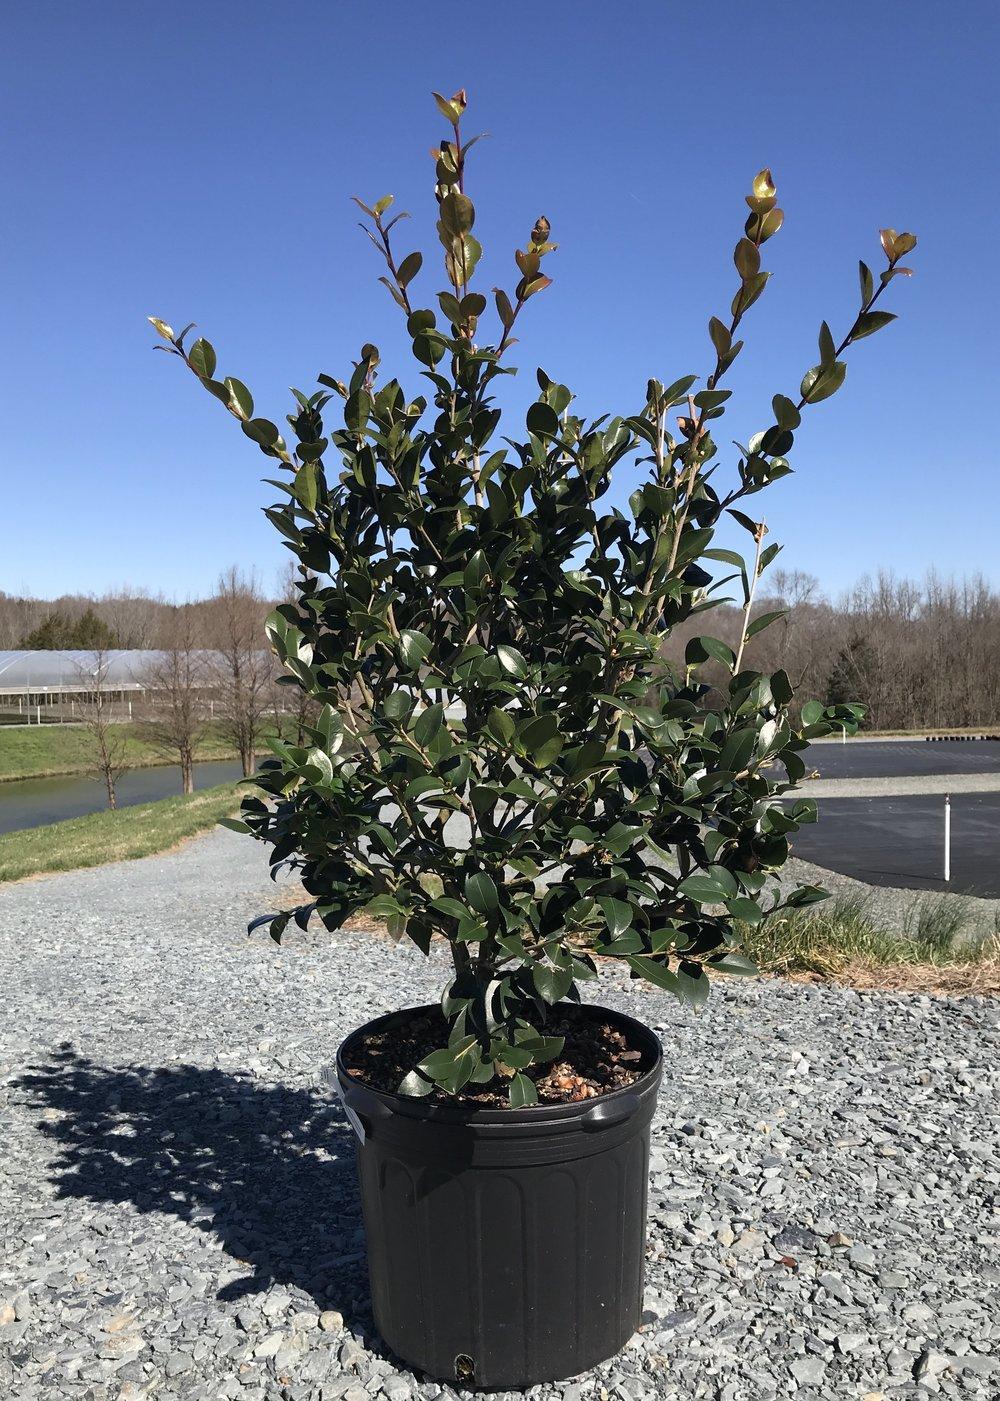 Camellia sasanqua 'Red Bird', 7 gallon